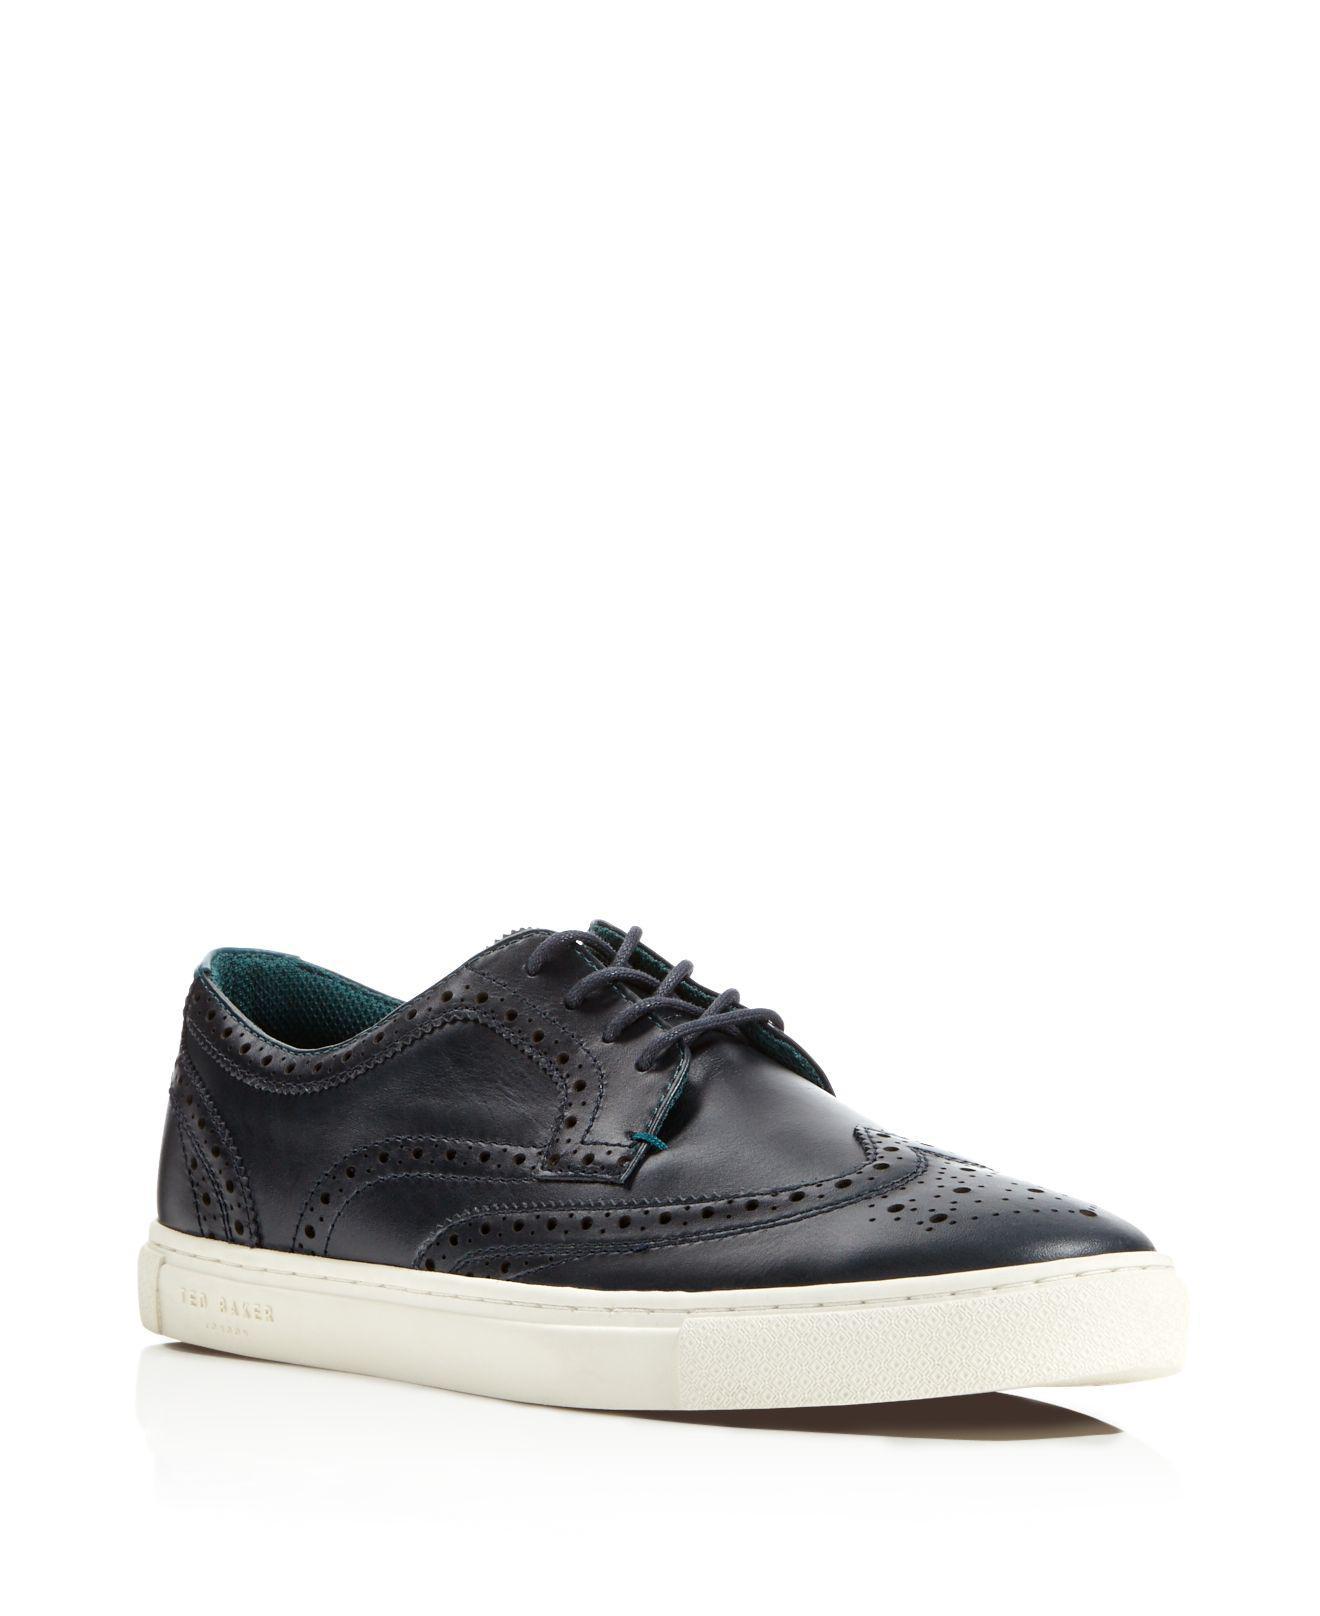 Ted Baker Rachet Sneakers